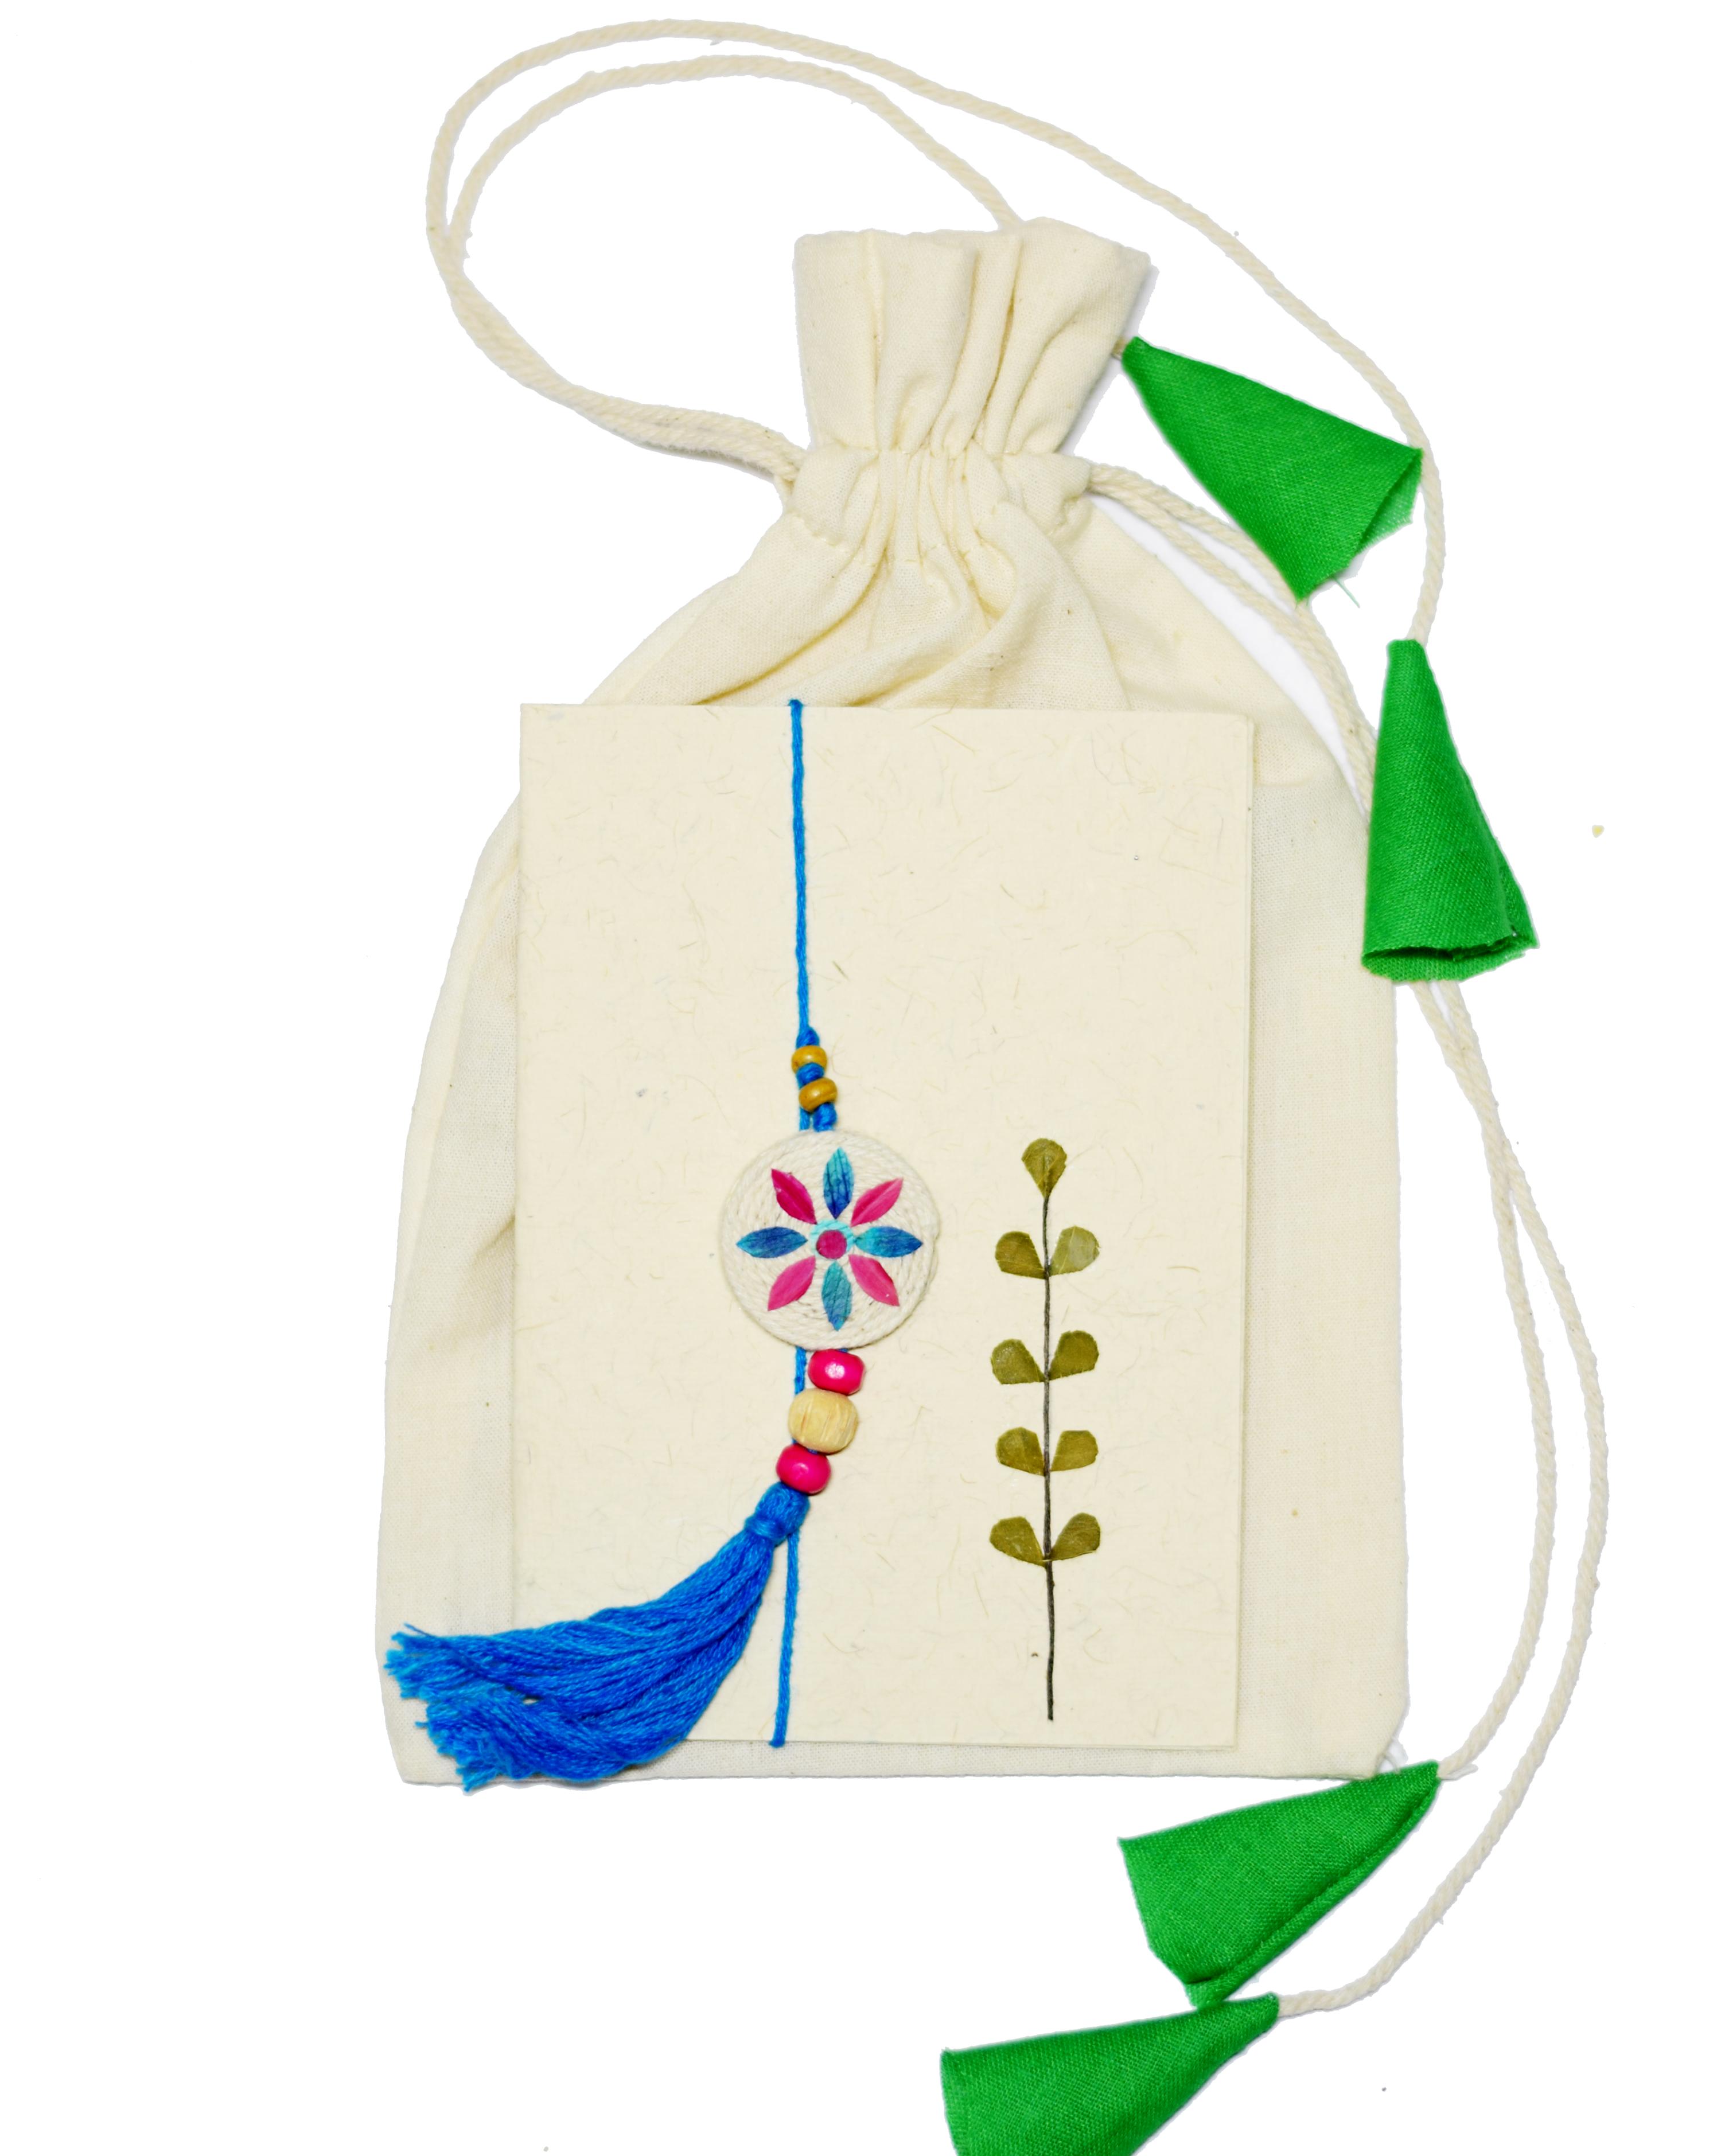 Gulmeher Lumba-Flowerwheel (Blue)- set of 1 Lumba